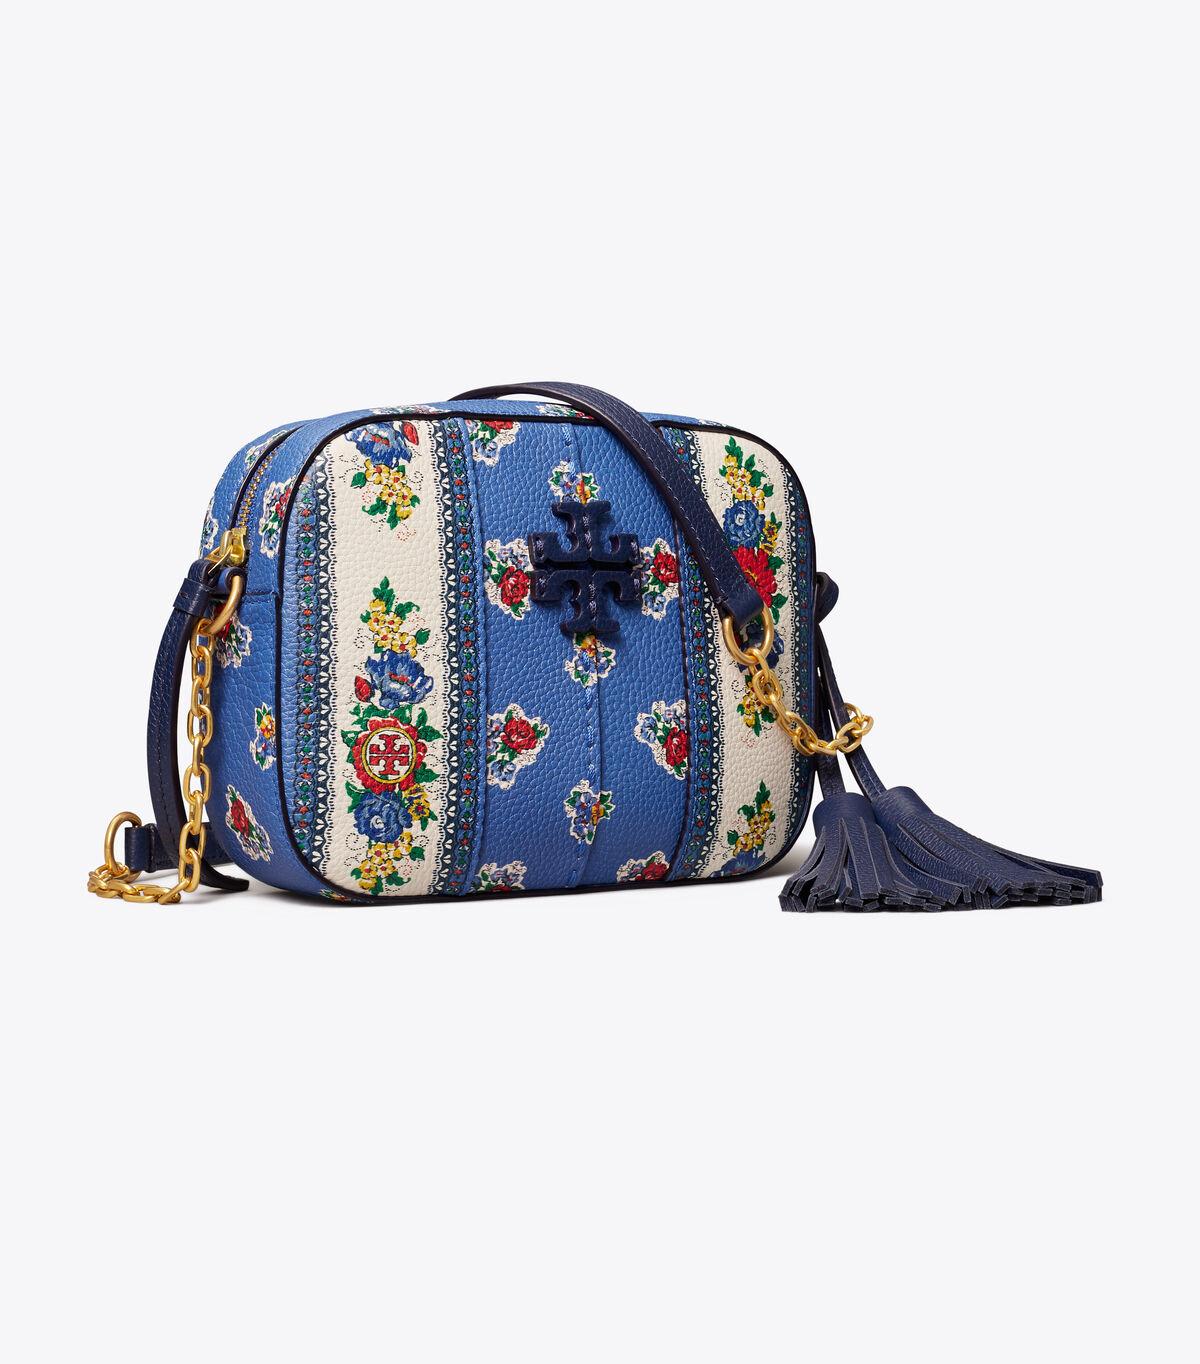 حقيبة بيري كانفاس بثلاث حجرات | 245 | حقائب